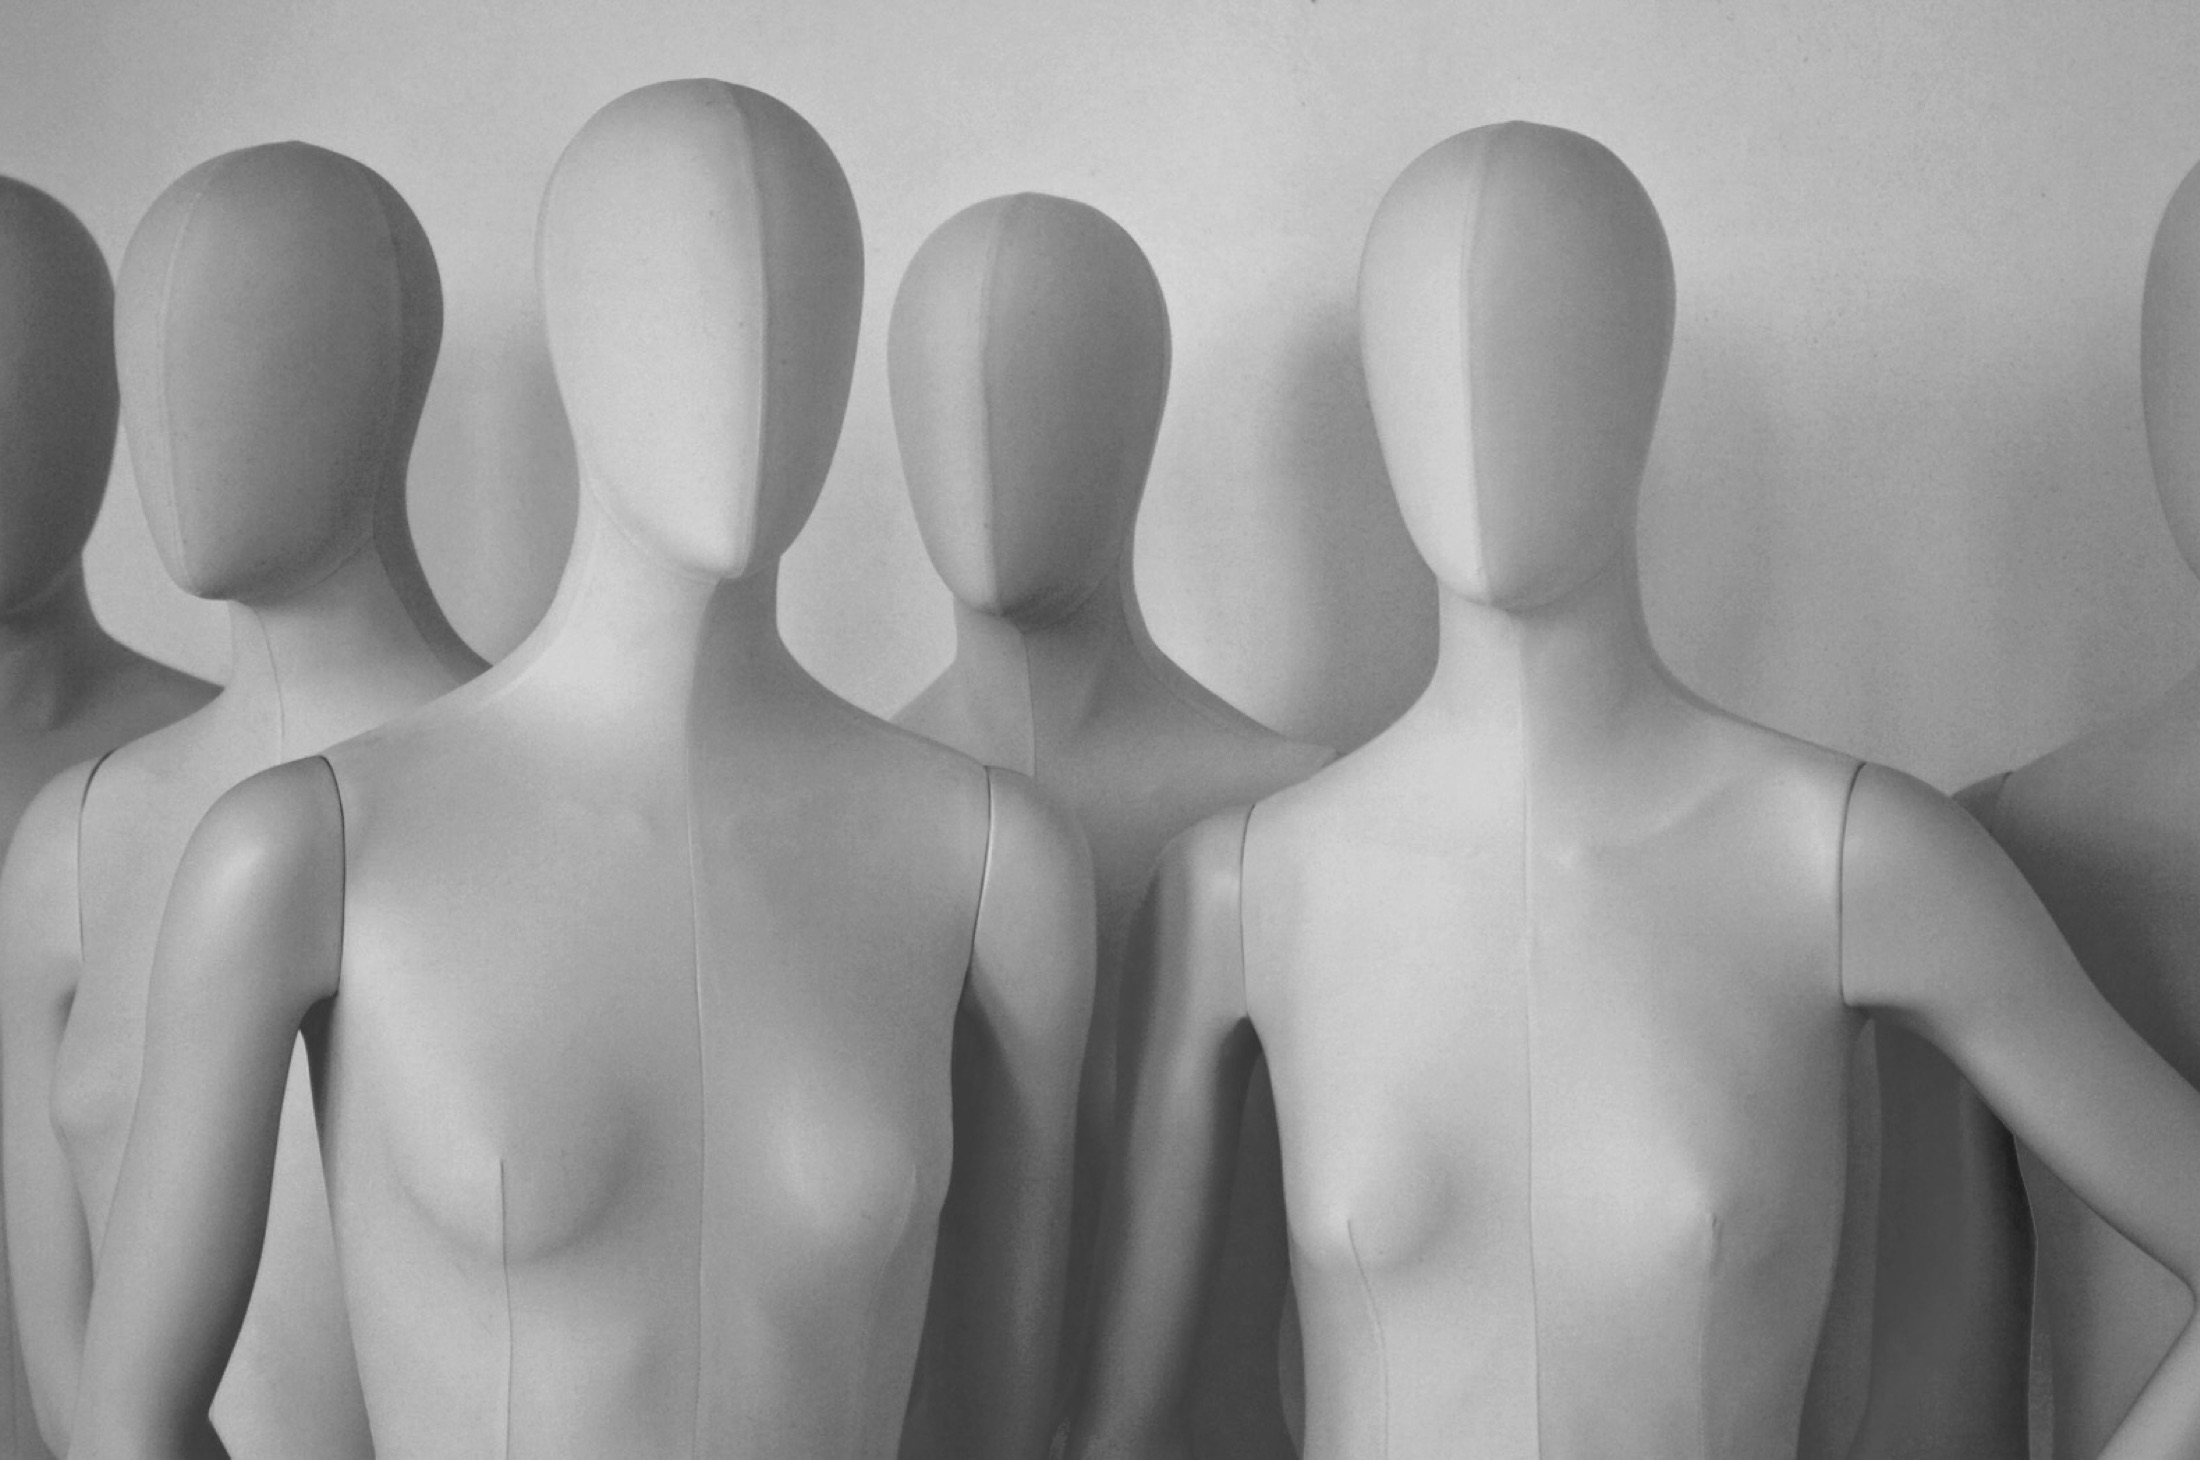 Une collection mixte aux bustes recouverts de tissu pour une touche chic et couture.